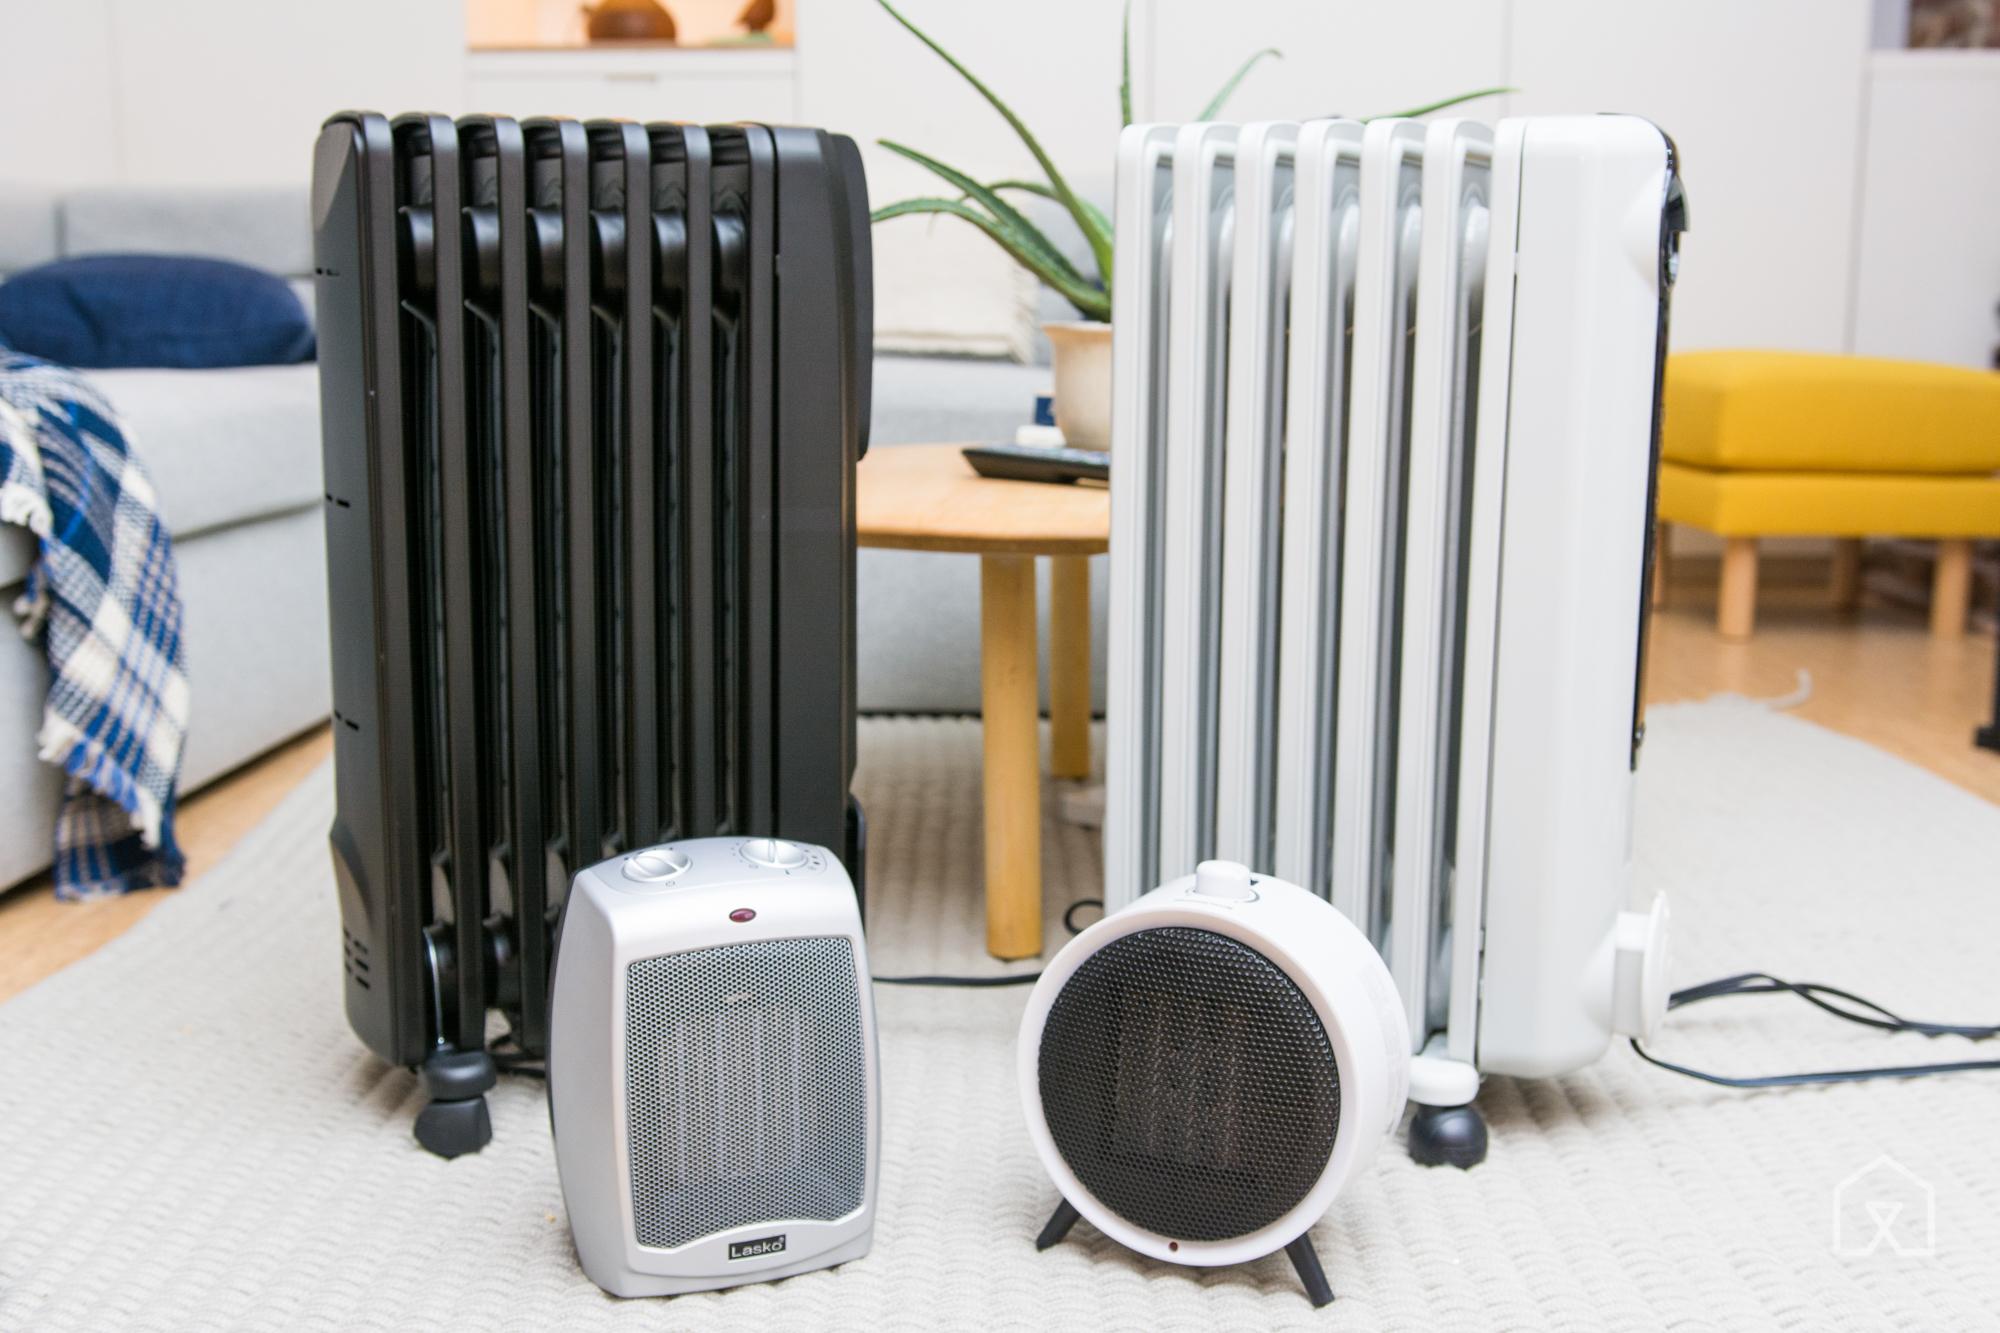 Выбираем обогреватель. Как сэкономить на электричестве и не замерзнуть - совет в жизнь. 13663.jpeg